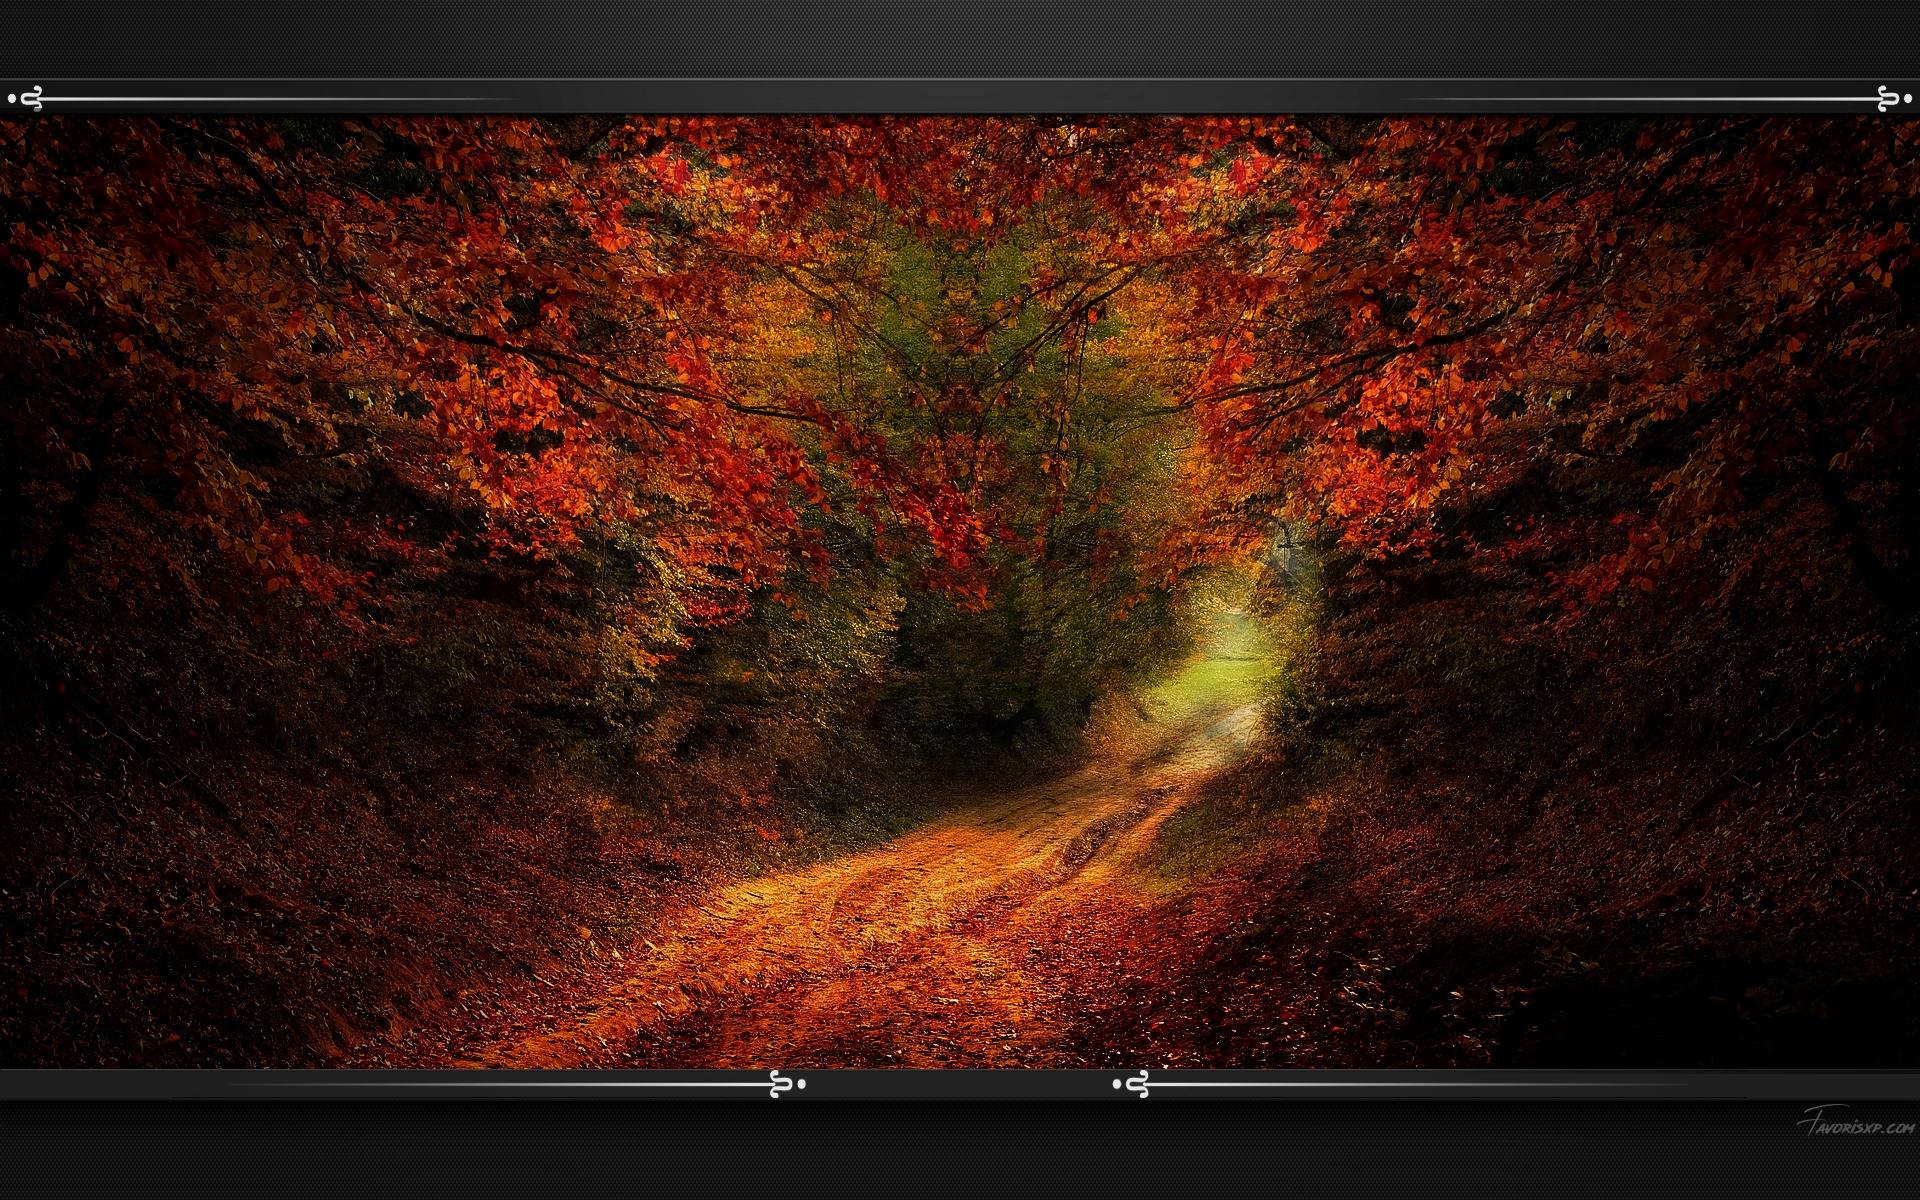 foto de Gratuit Paysage Fonds d'écran à télécharger sur PC ou ordinateur ...